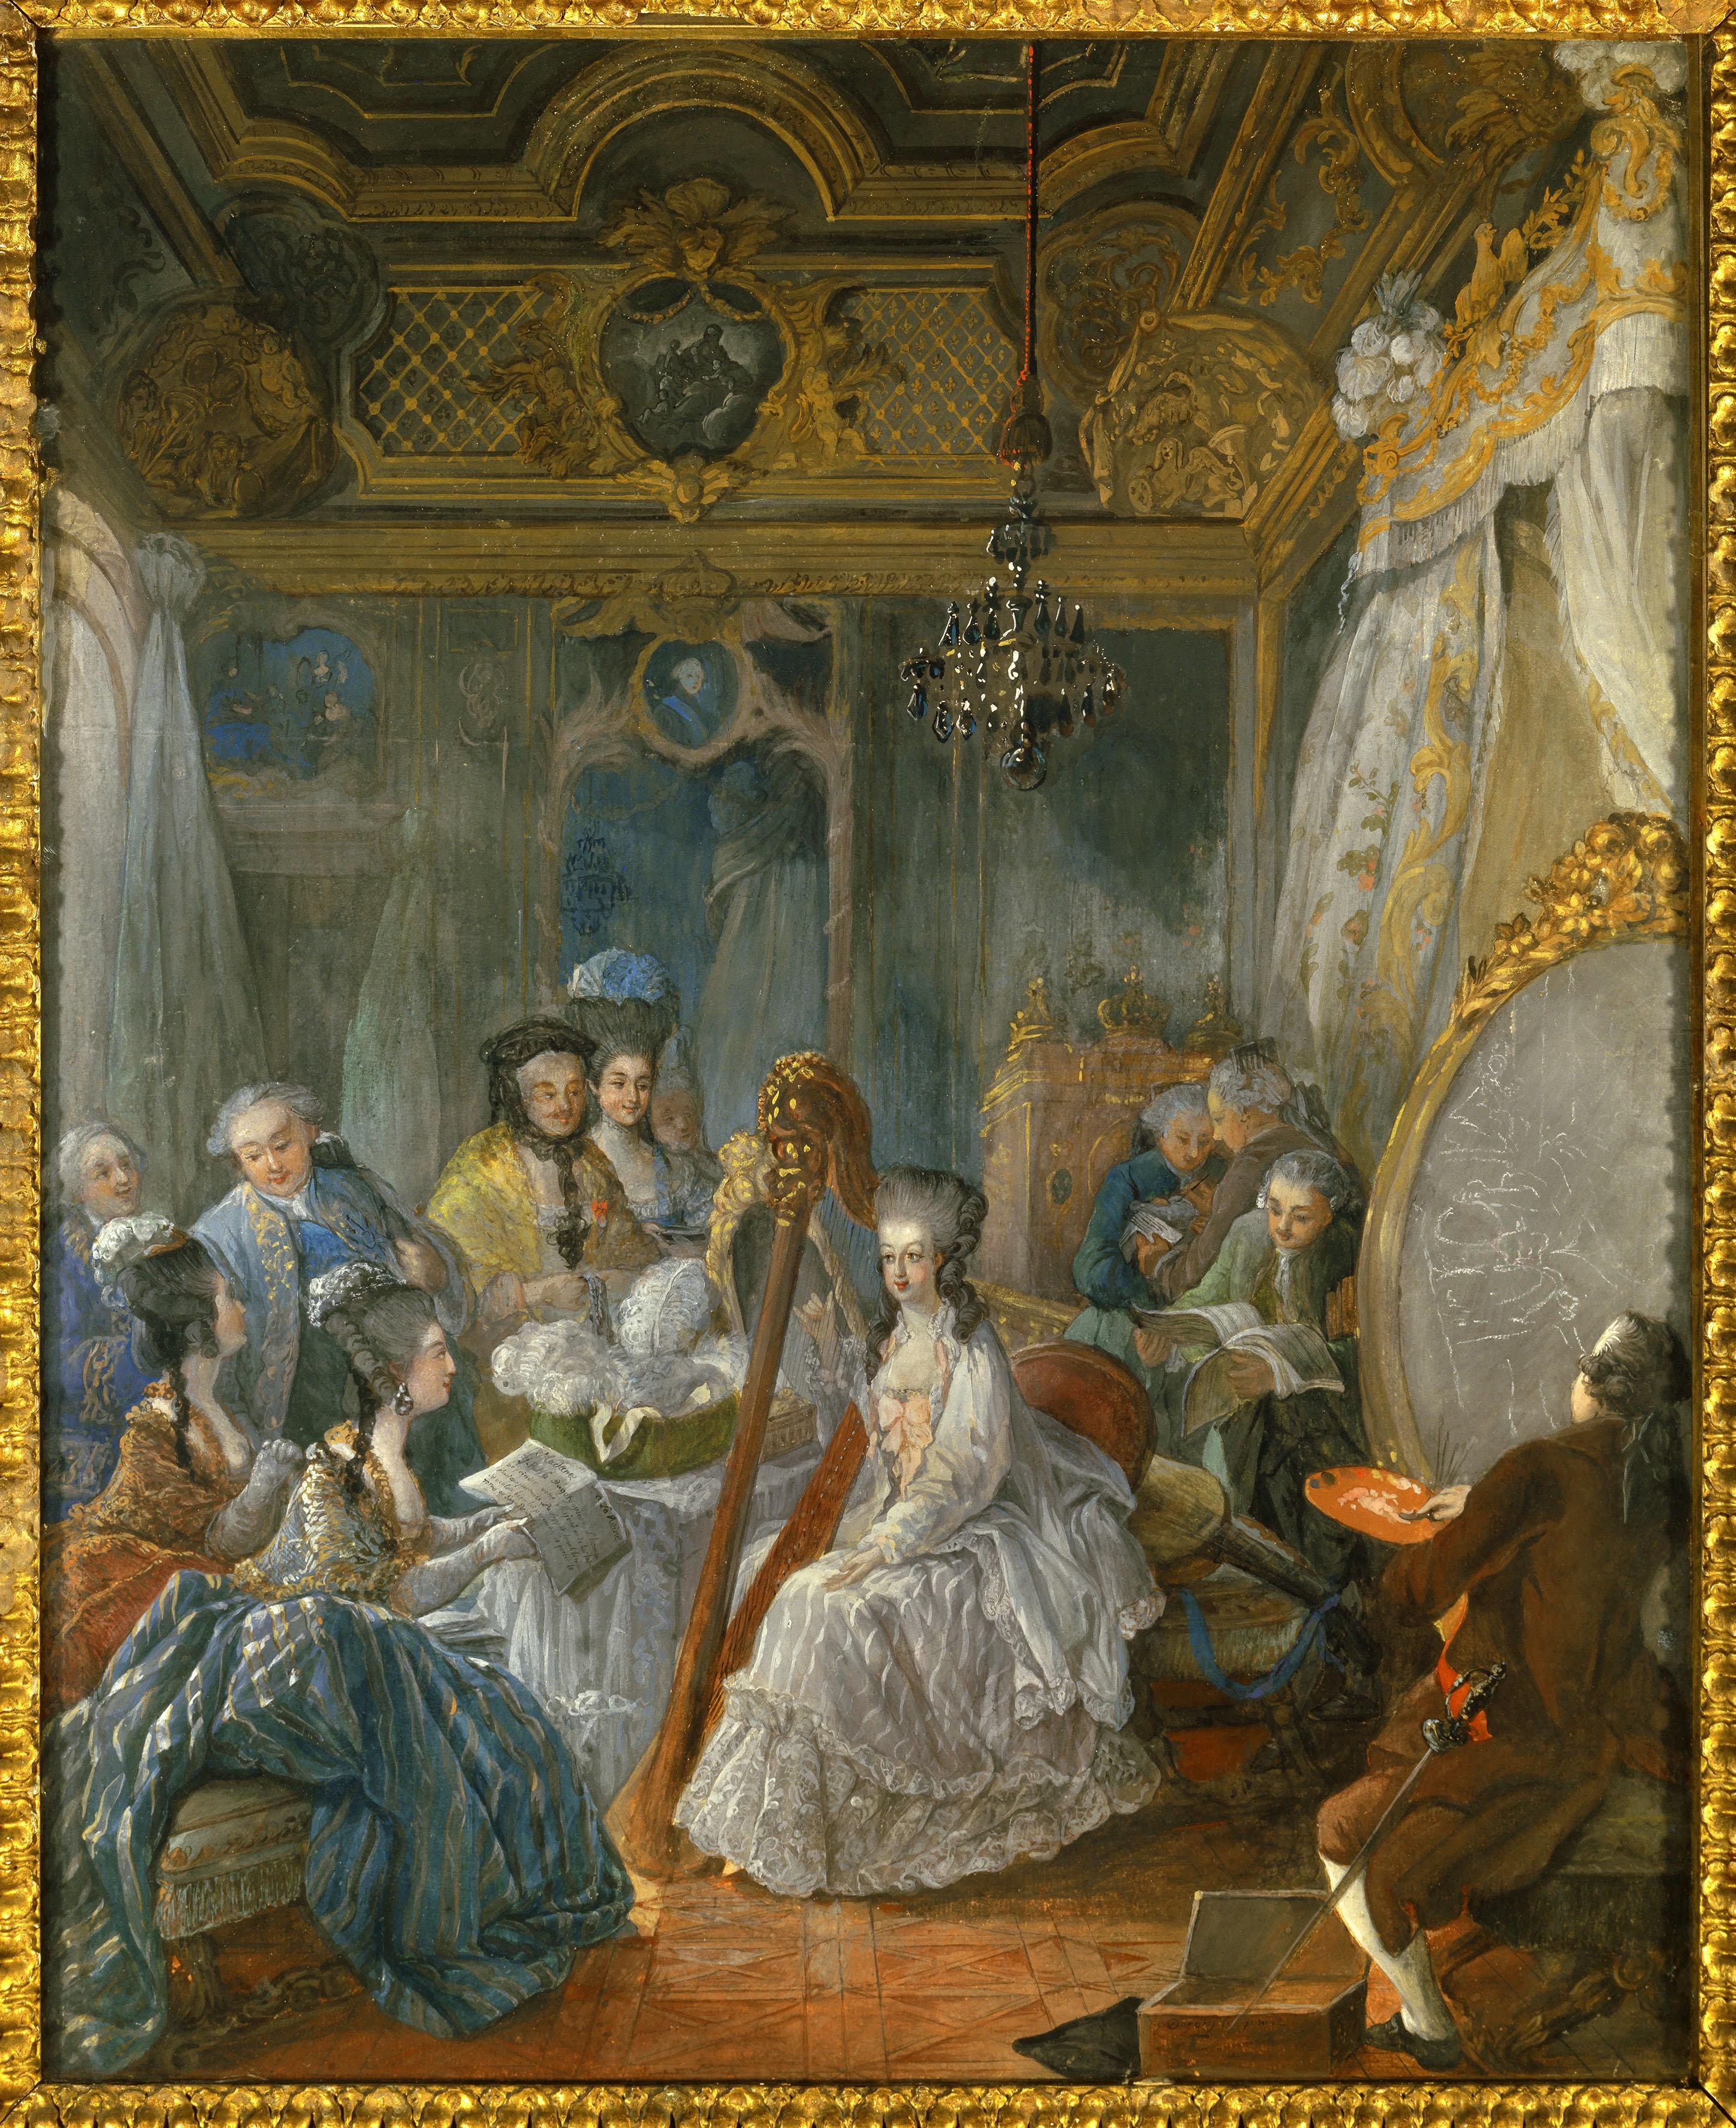 Jean Baptiste Gautier d'Agoty (1740-1786), French School. Marie Antoinette (1754-1793) playing Harp in her Chamber at Versailles. Gautier-Dagoty painting the portrait of the Queen. 1777. Gouache, 0.67 x 0.54 m. Versailles, Chateaux de Versailles et de Trianon. Gautier D Agoty Jean B. ( 1740-1786 ) Ec. Fr. , Marie Antoinette de Habsbourg Lorraine ( 1754 - 1793 ) reine de France se faisant peindre dans sa chambre en 1777 a Versailles ( gouache 0;67 x0,54 m ) , Versailles . Musee Du Chate. (Photo by: Christophel Fine Art/UIG via Getty Images)